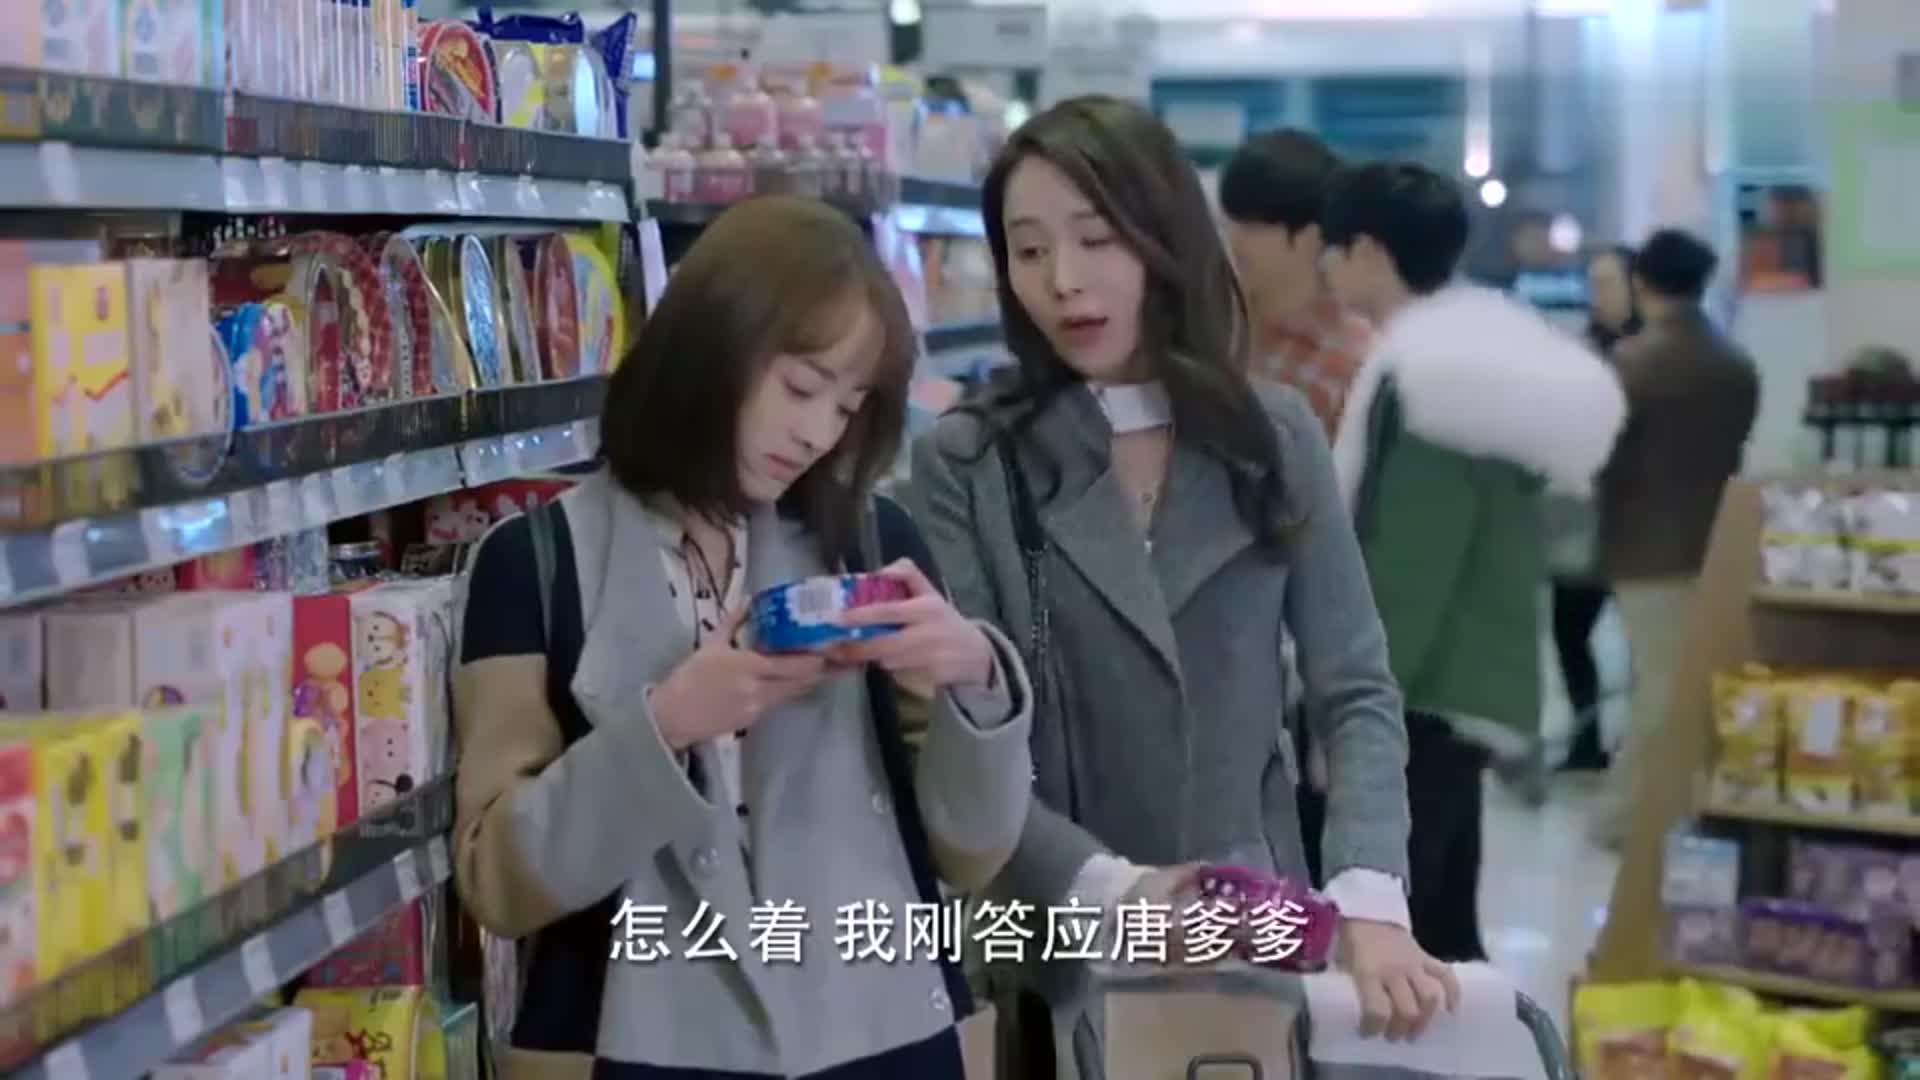 儿科医生:隐婚夫妻逛超市,怎料竟被同事撞见,只好扯大谎